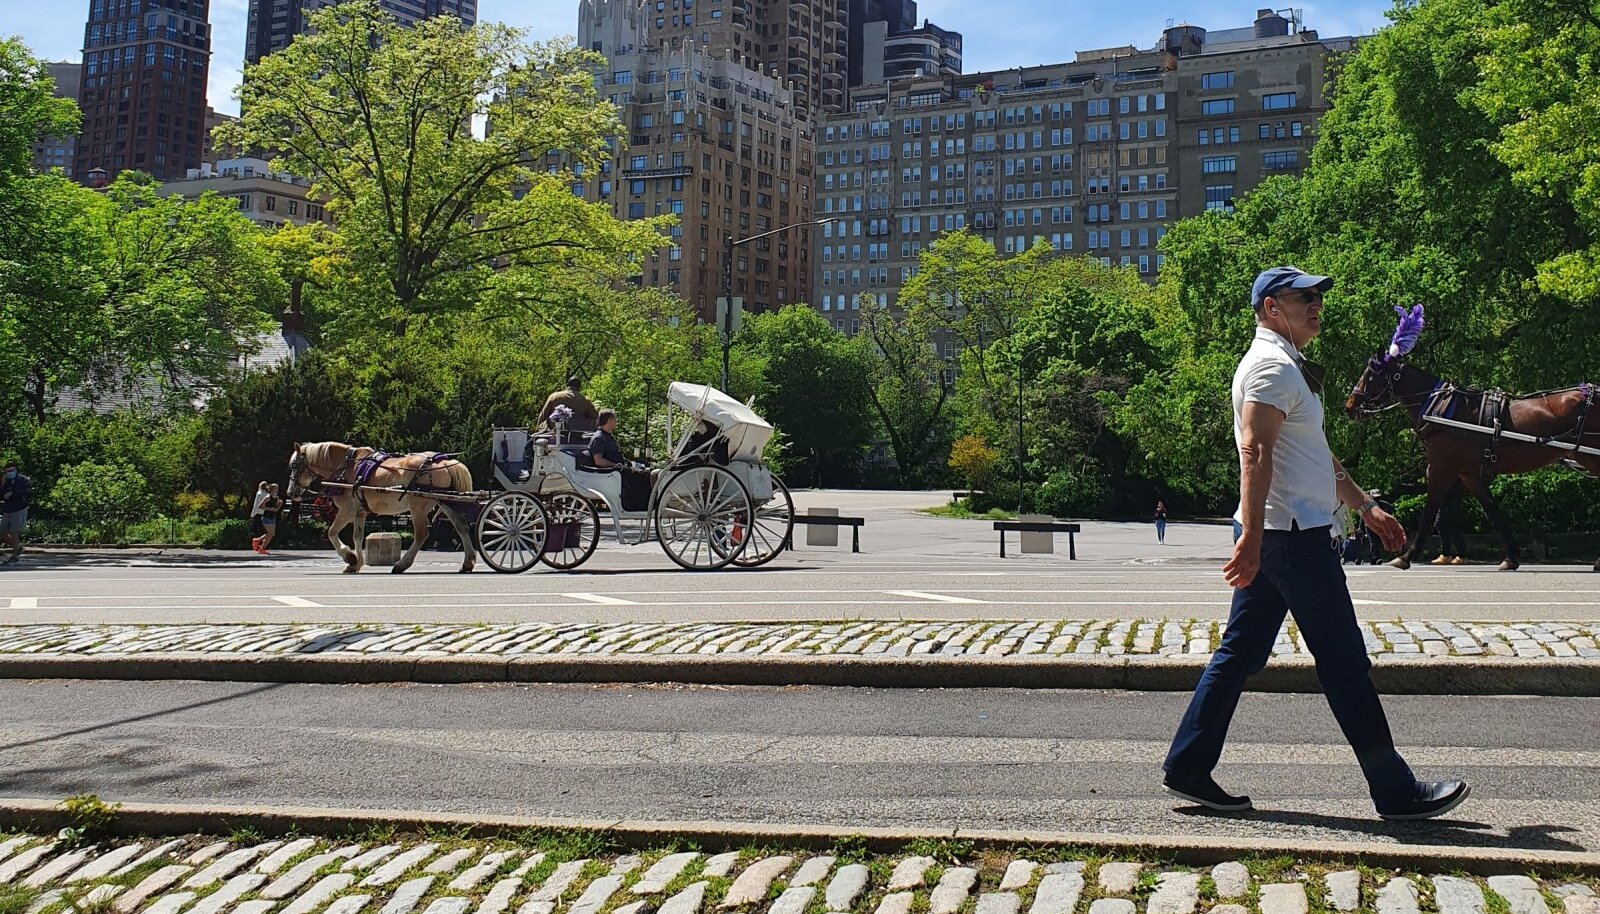 New Yorgis muutub elu taas normaalseks – homsest alates kaob enamik koroonareegleid.